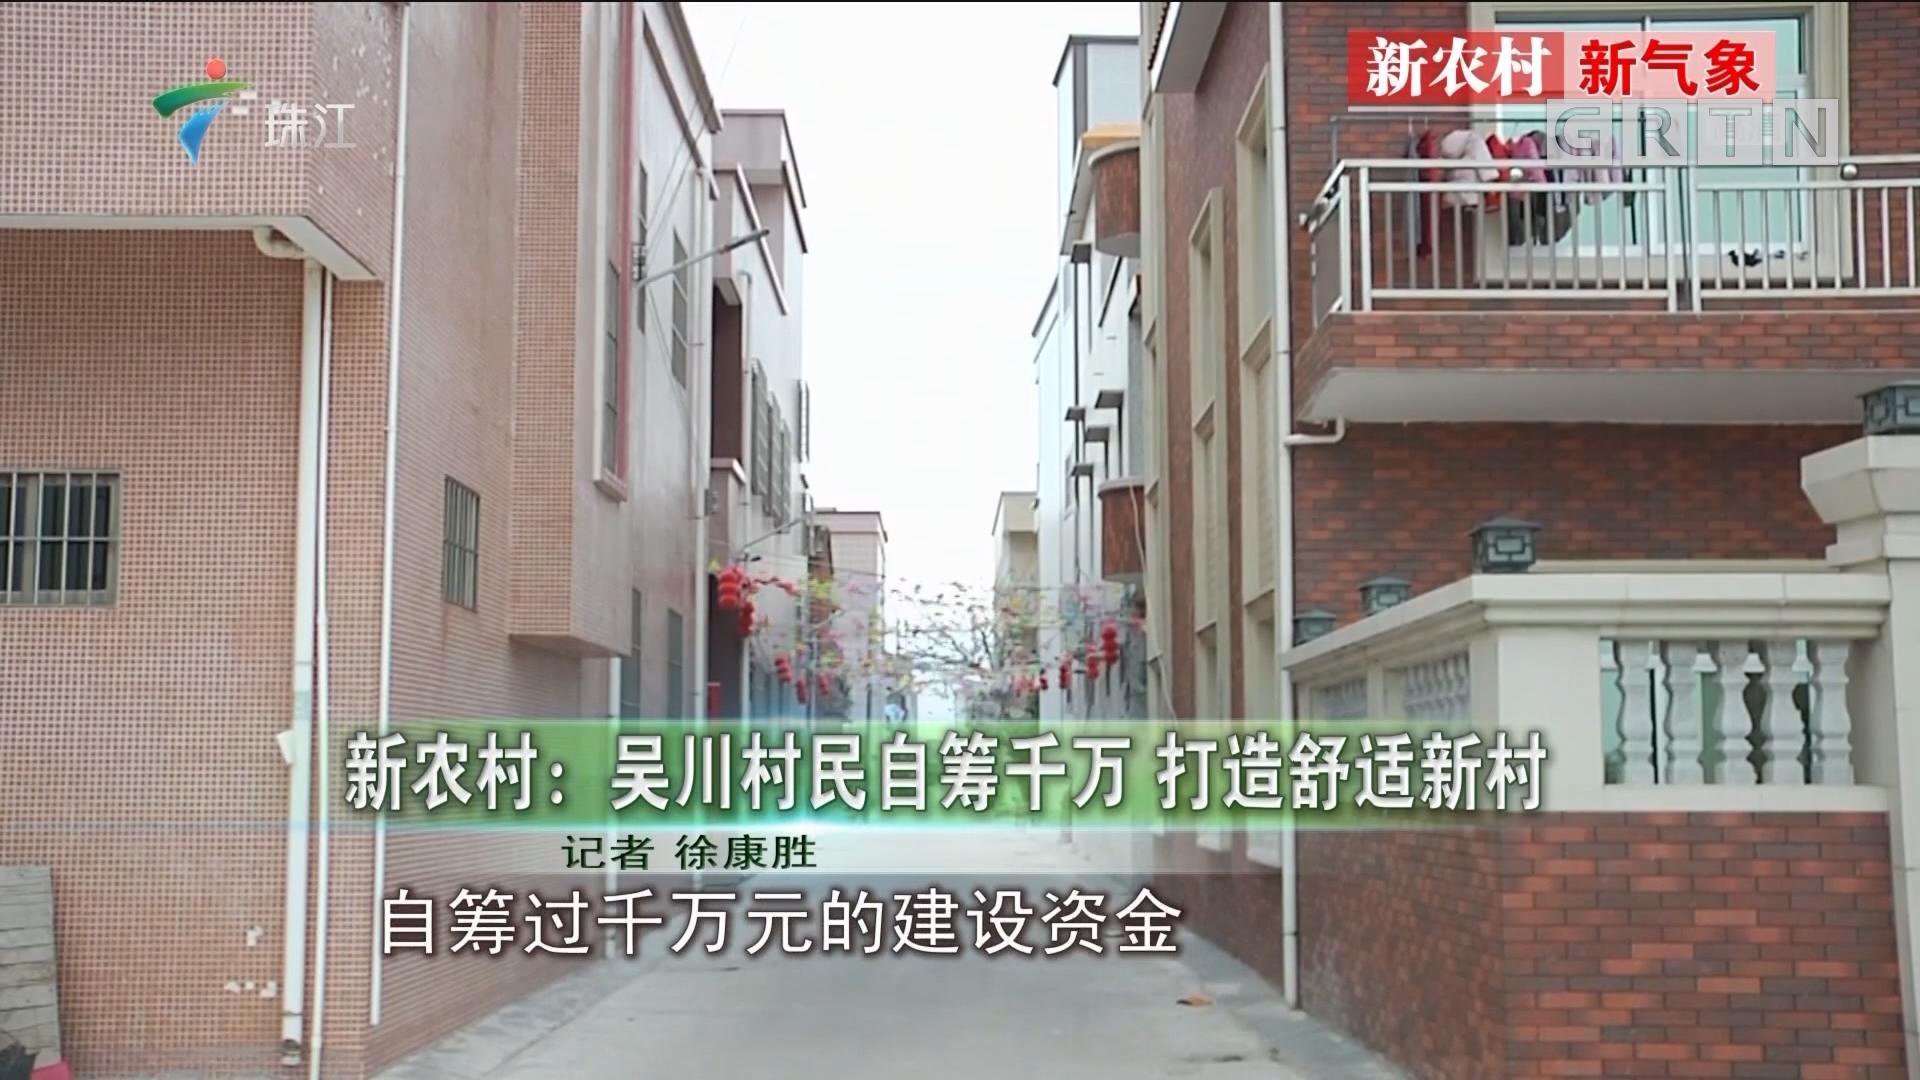 新农村:吴川村民自筹千万 打造舒适新村